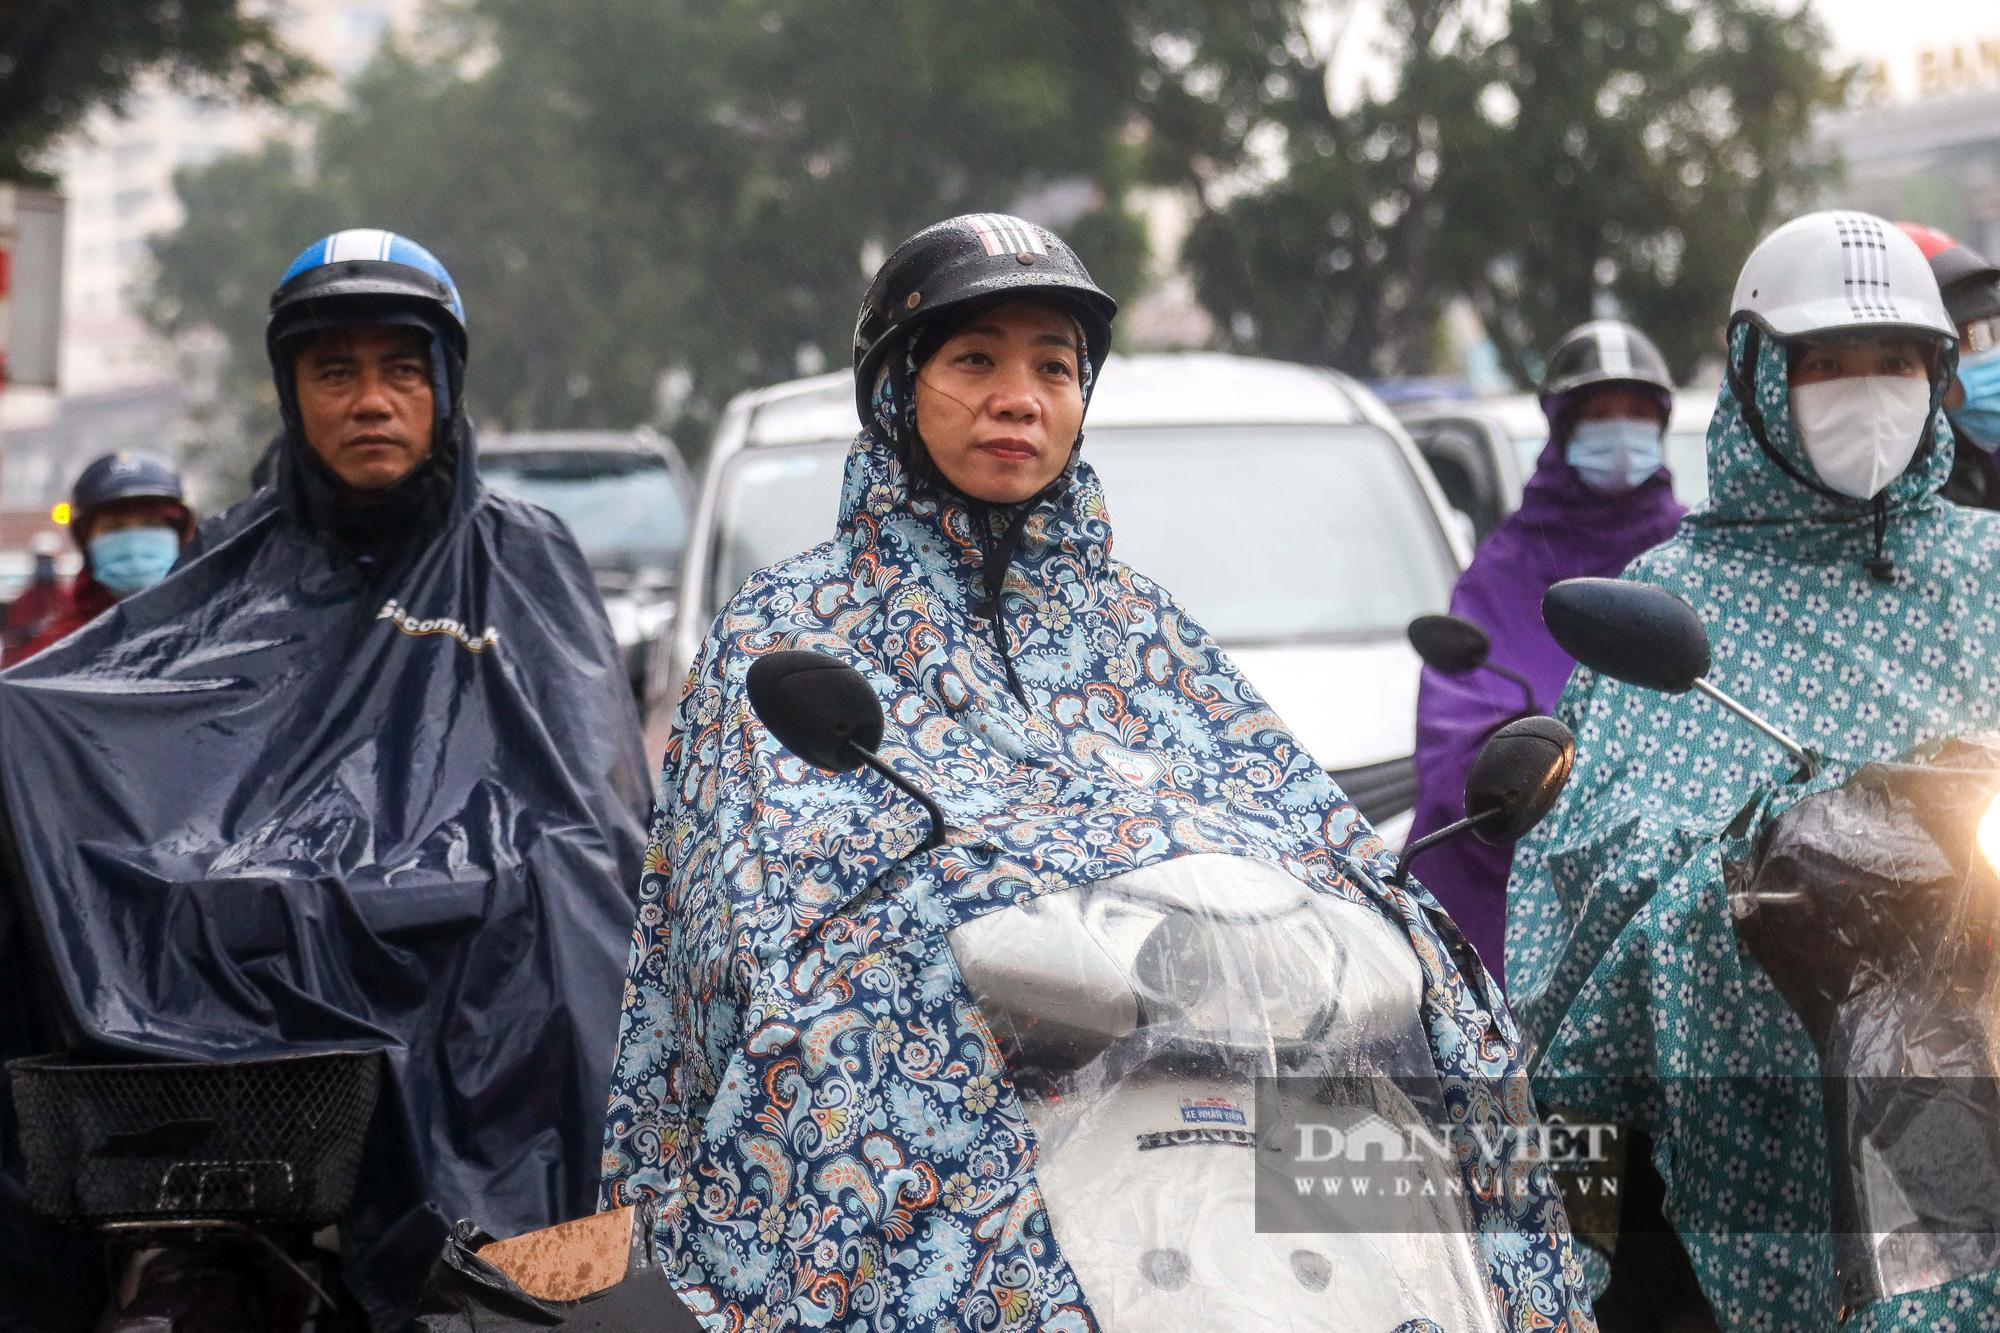 """Hà Nội: Tăng mức phạt gấp 10 lần, người dân vẫn """"quên"""" khẩu trang - Ảnh 1."""